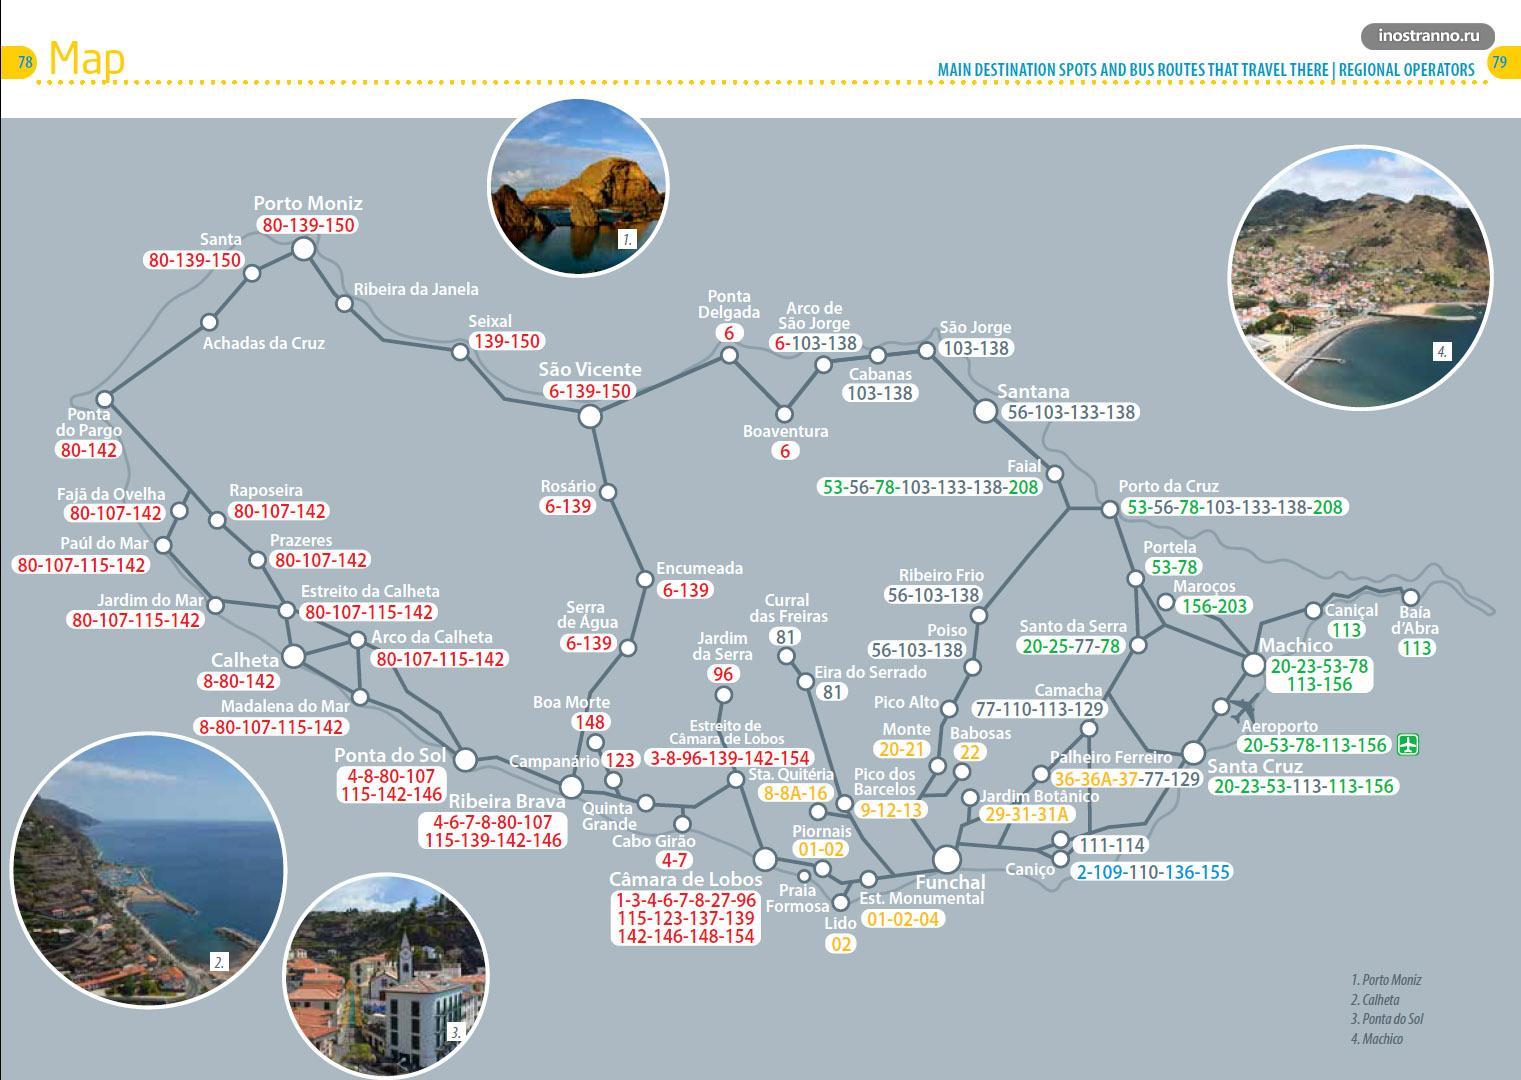 Мадейра карта междугородних автобусных марщрутов